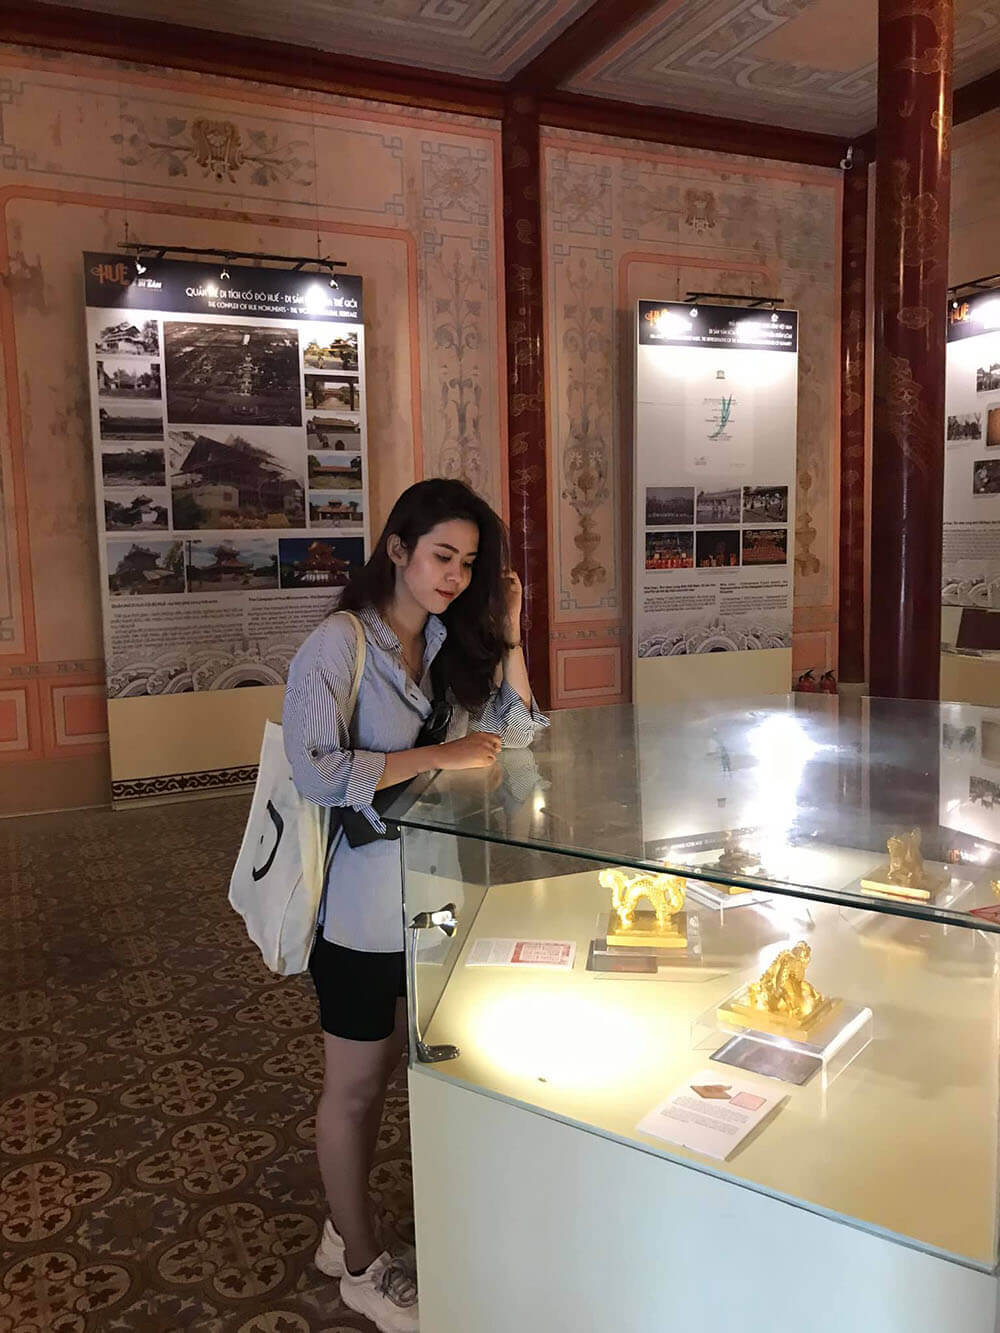 Quan The Di Tich Hoan Cung Hue Dai Noi Hue Review Hue Da Nang Hoi An Ninh Binh 7n7d Chi Voi 8 Trieu Tin Duoc Khong 05